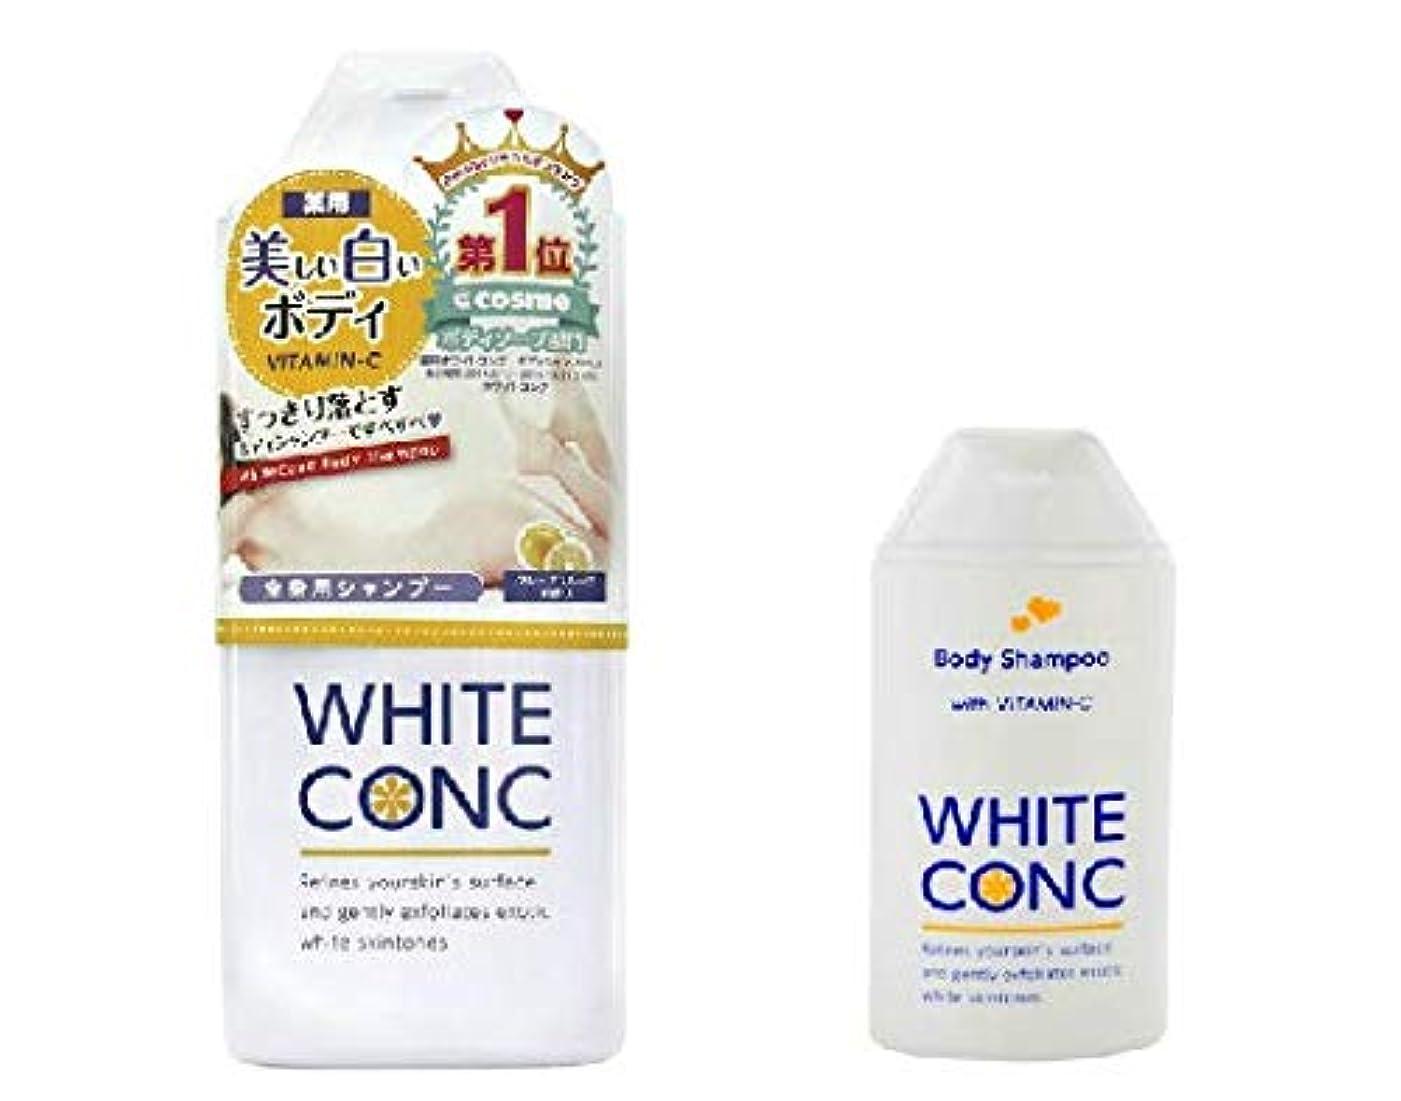 無線秘書禁輸【WHITE CONC(ホワイトコンク)】 ボディシャンプーC Ⅱ_360mL1本&150mL1本